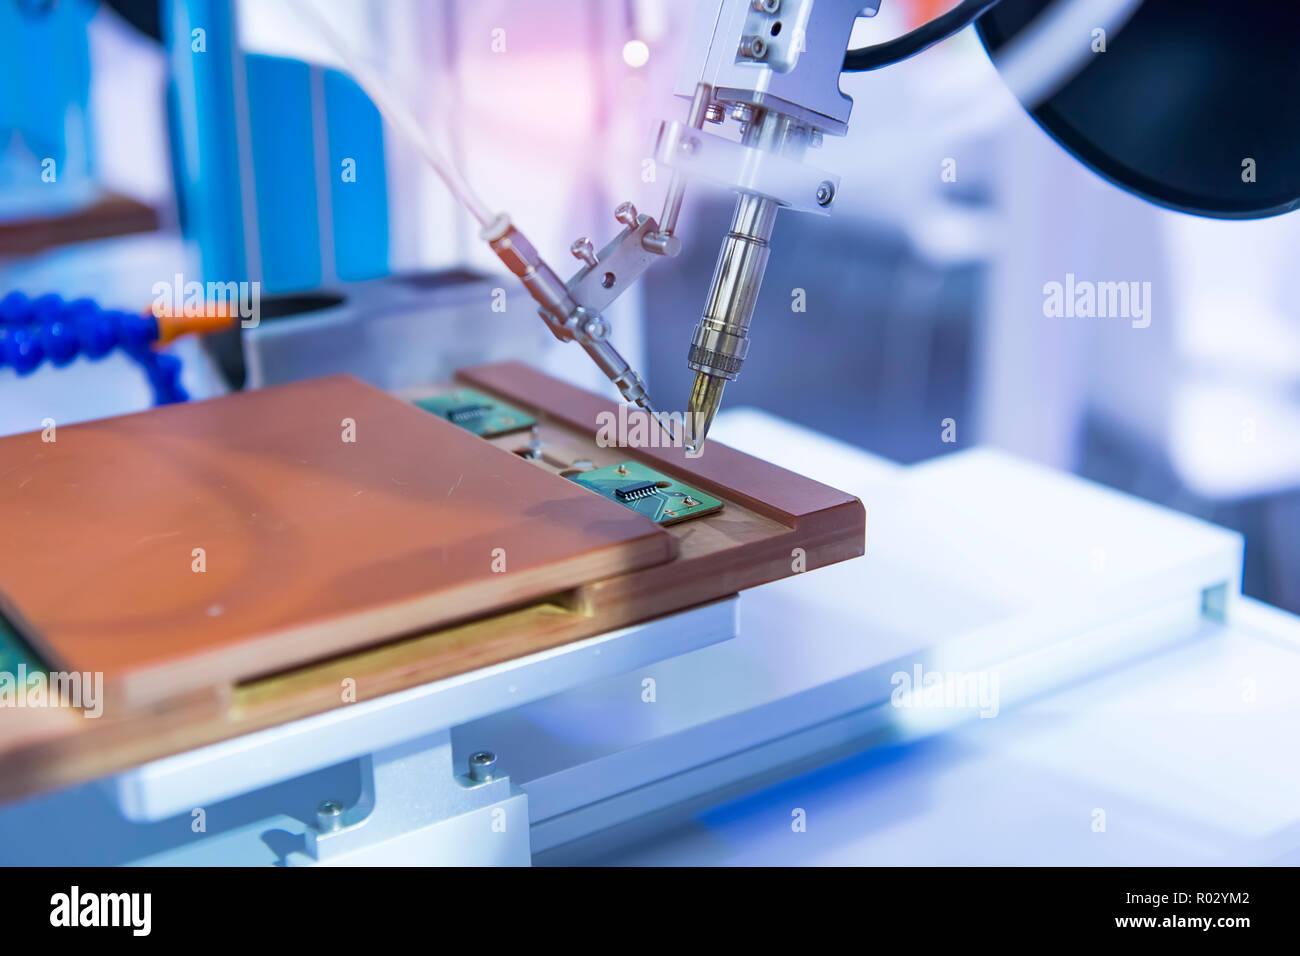 Lötkolben, Spitzen der Roboter für die automatische Punkt Löten für gedruckte und Montage Elektrische Platine (PCB) im Werk Stockbild